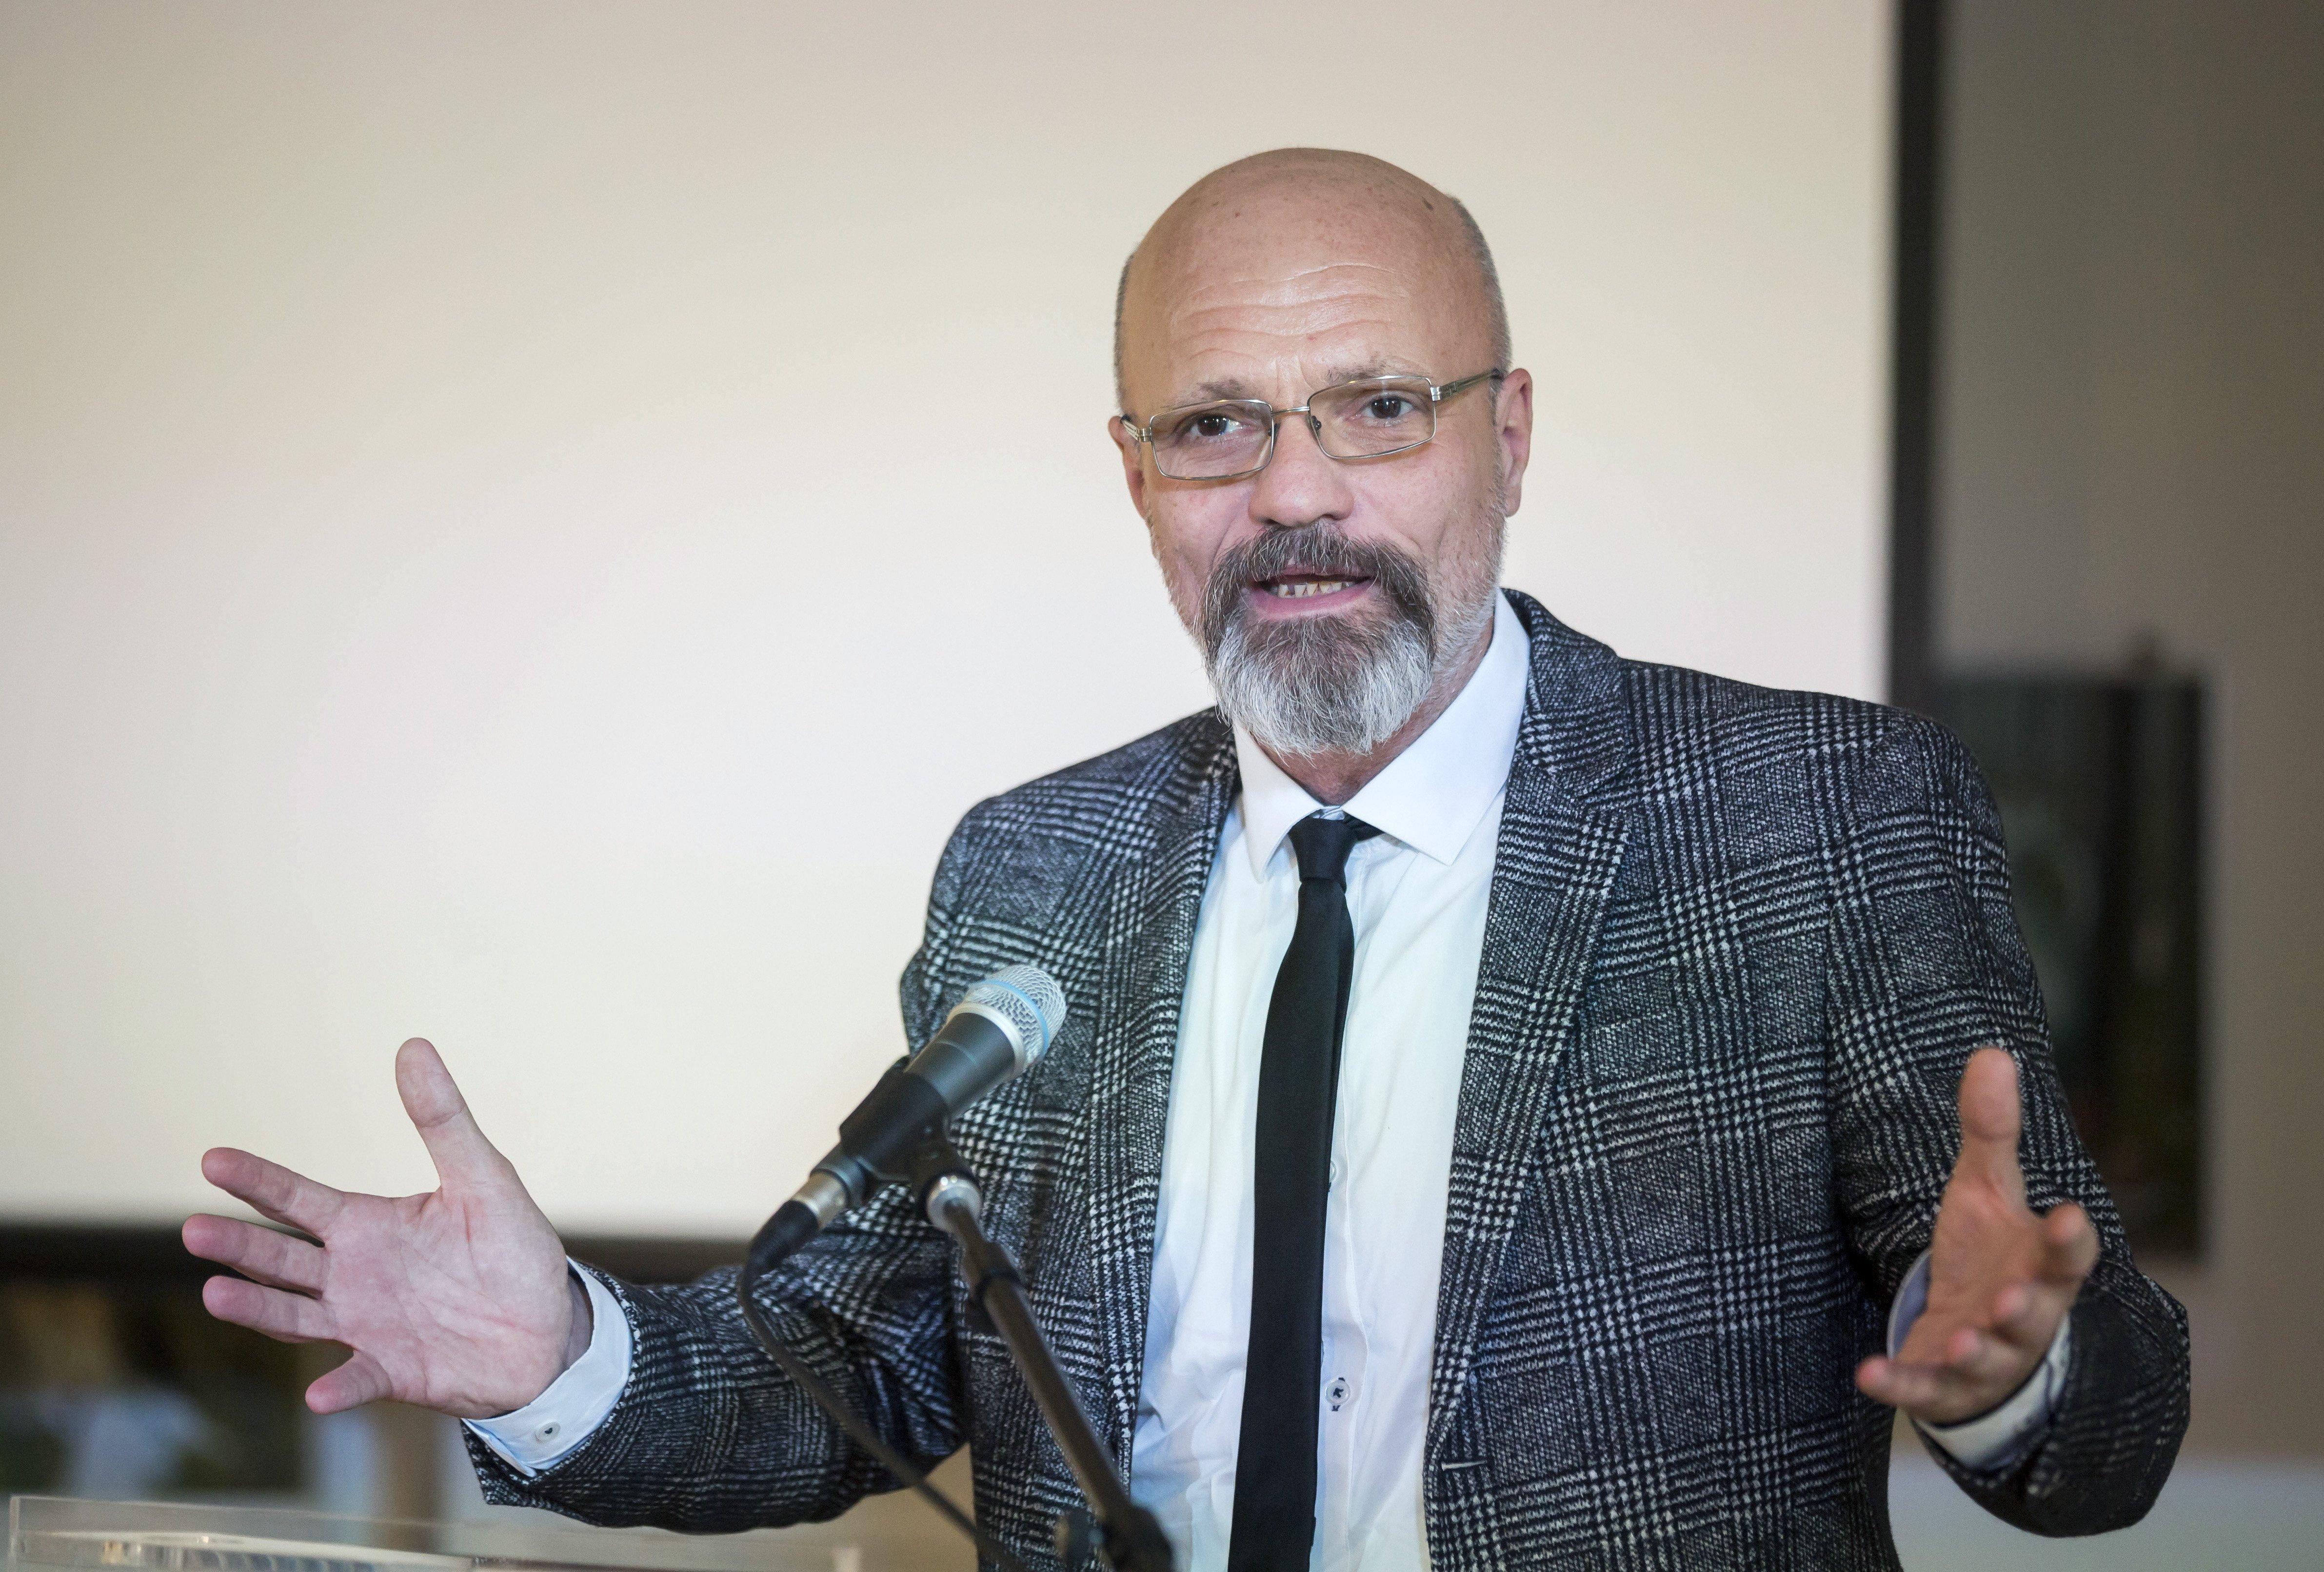 Kásler tanácsadója megvizsgáltatná Zacher nyilatkozatát, aki arról beszélt, Orbánnak el kell számolnia a halottakkal, és be kellene engedni a sajtót a kórházakba